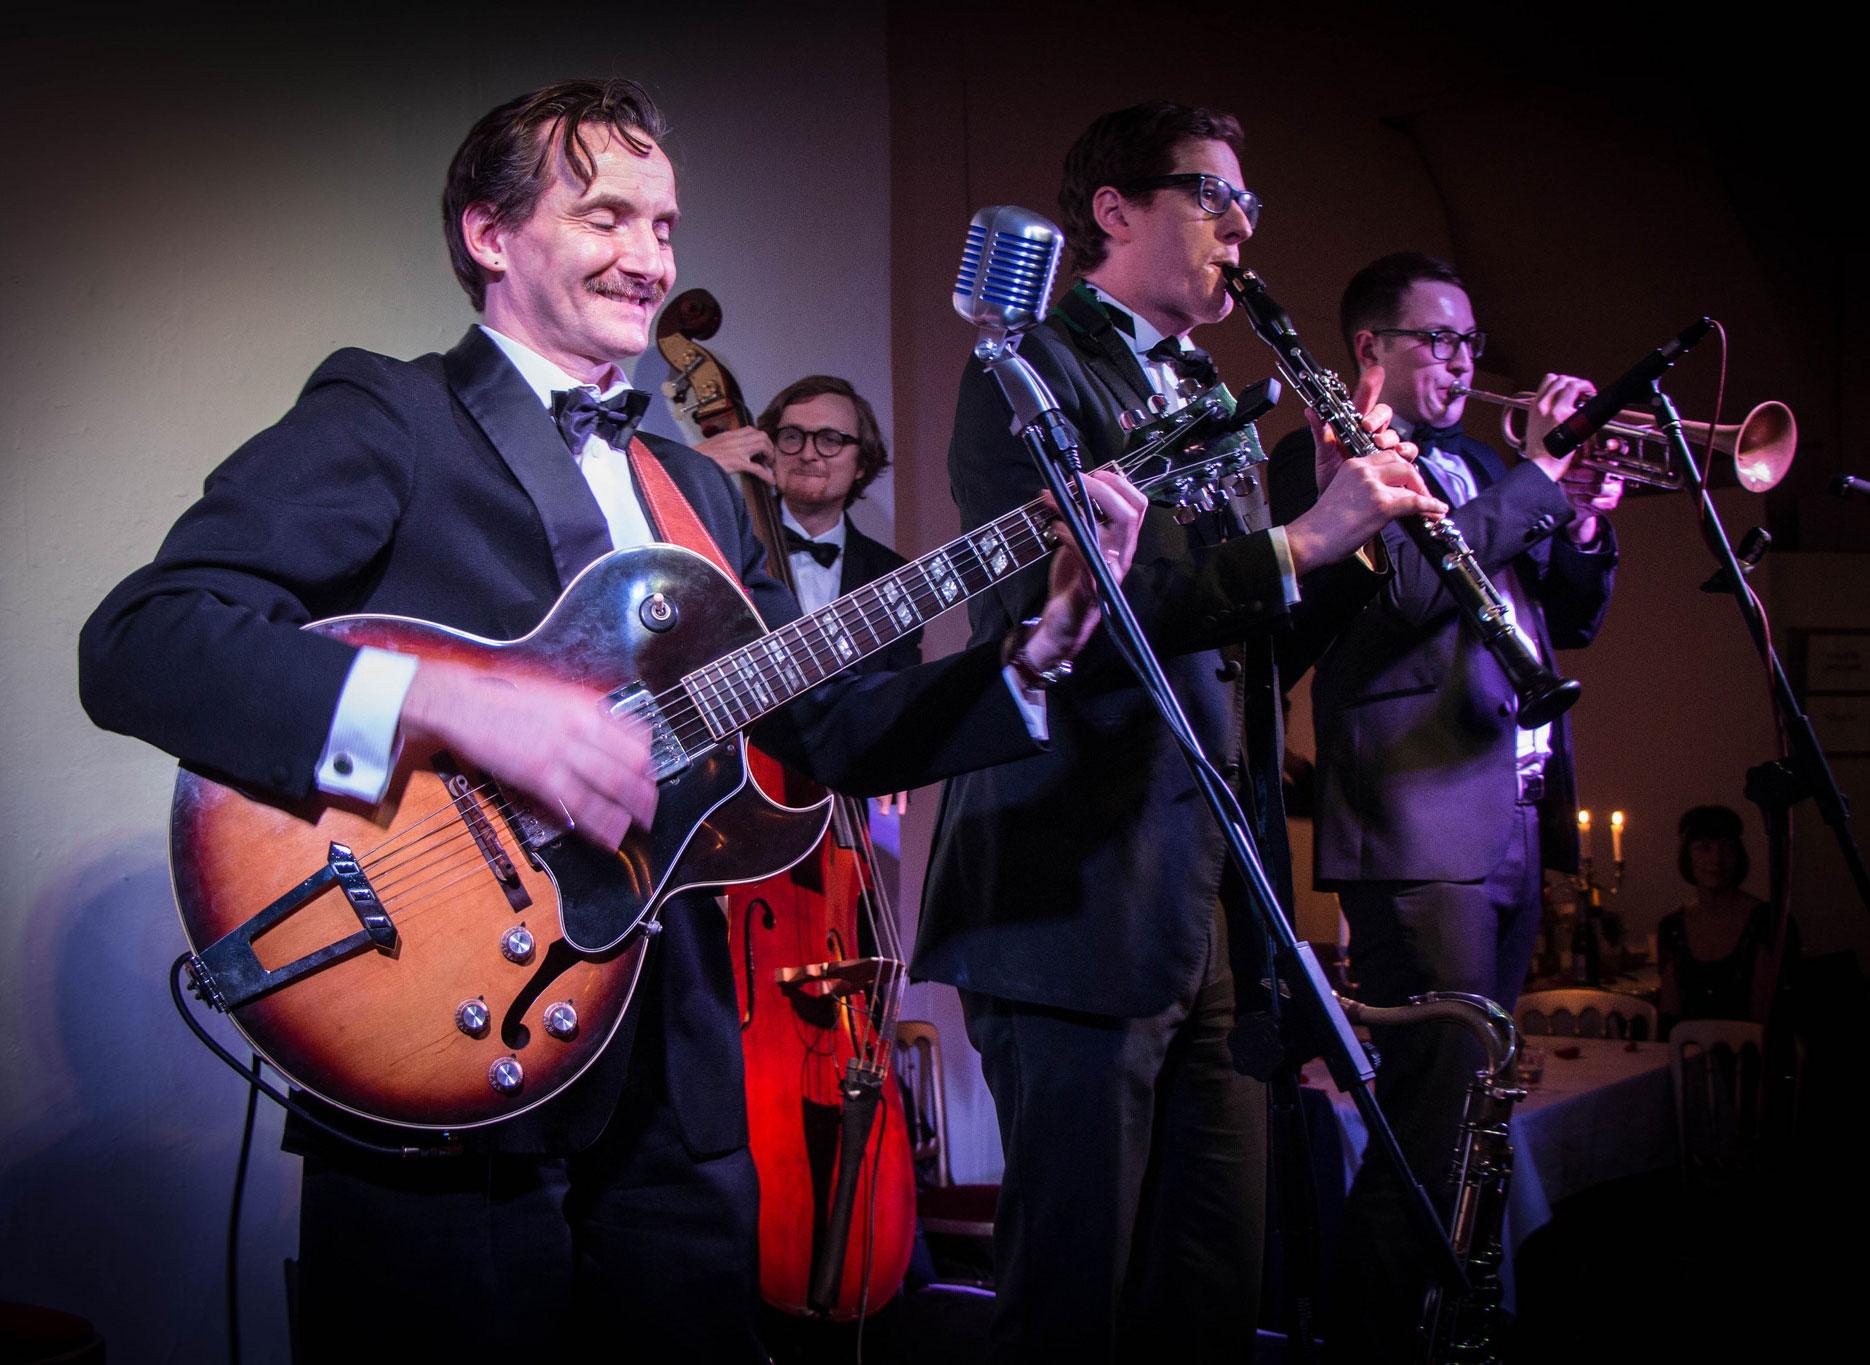 Benoit Viellefon and his band